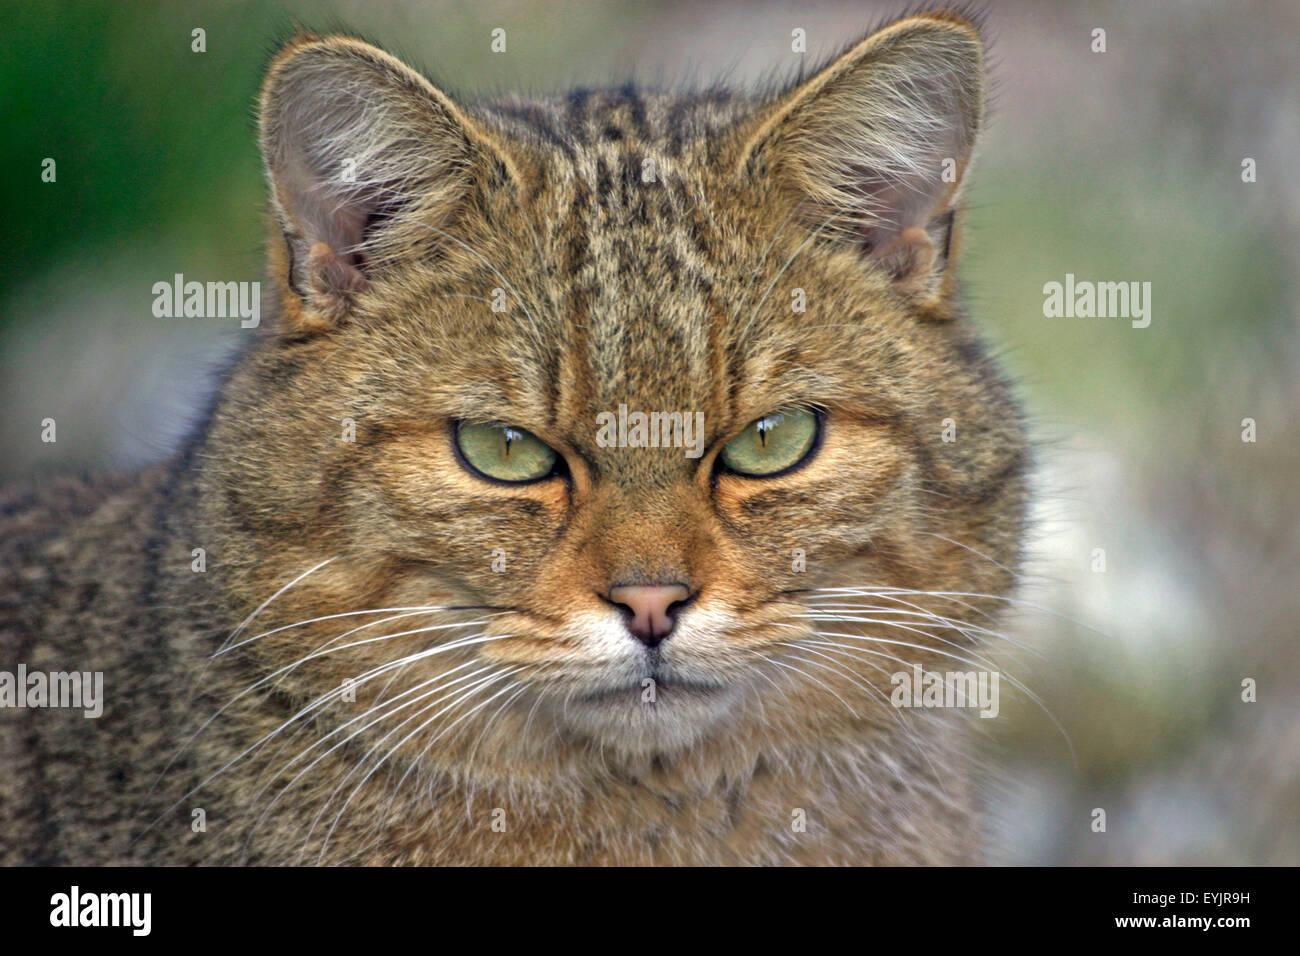 Europaeische wildkatze,portraet|gato montés europeo retrato, closeup Imagen De Stock